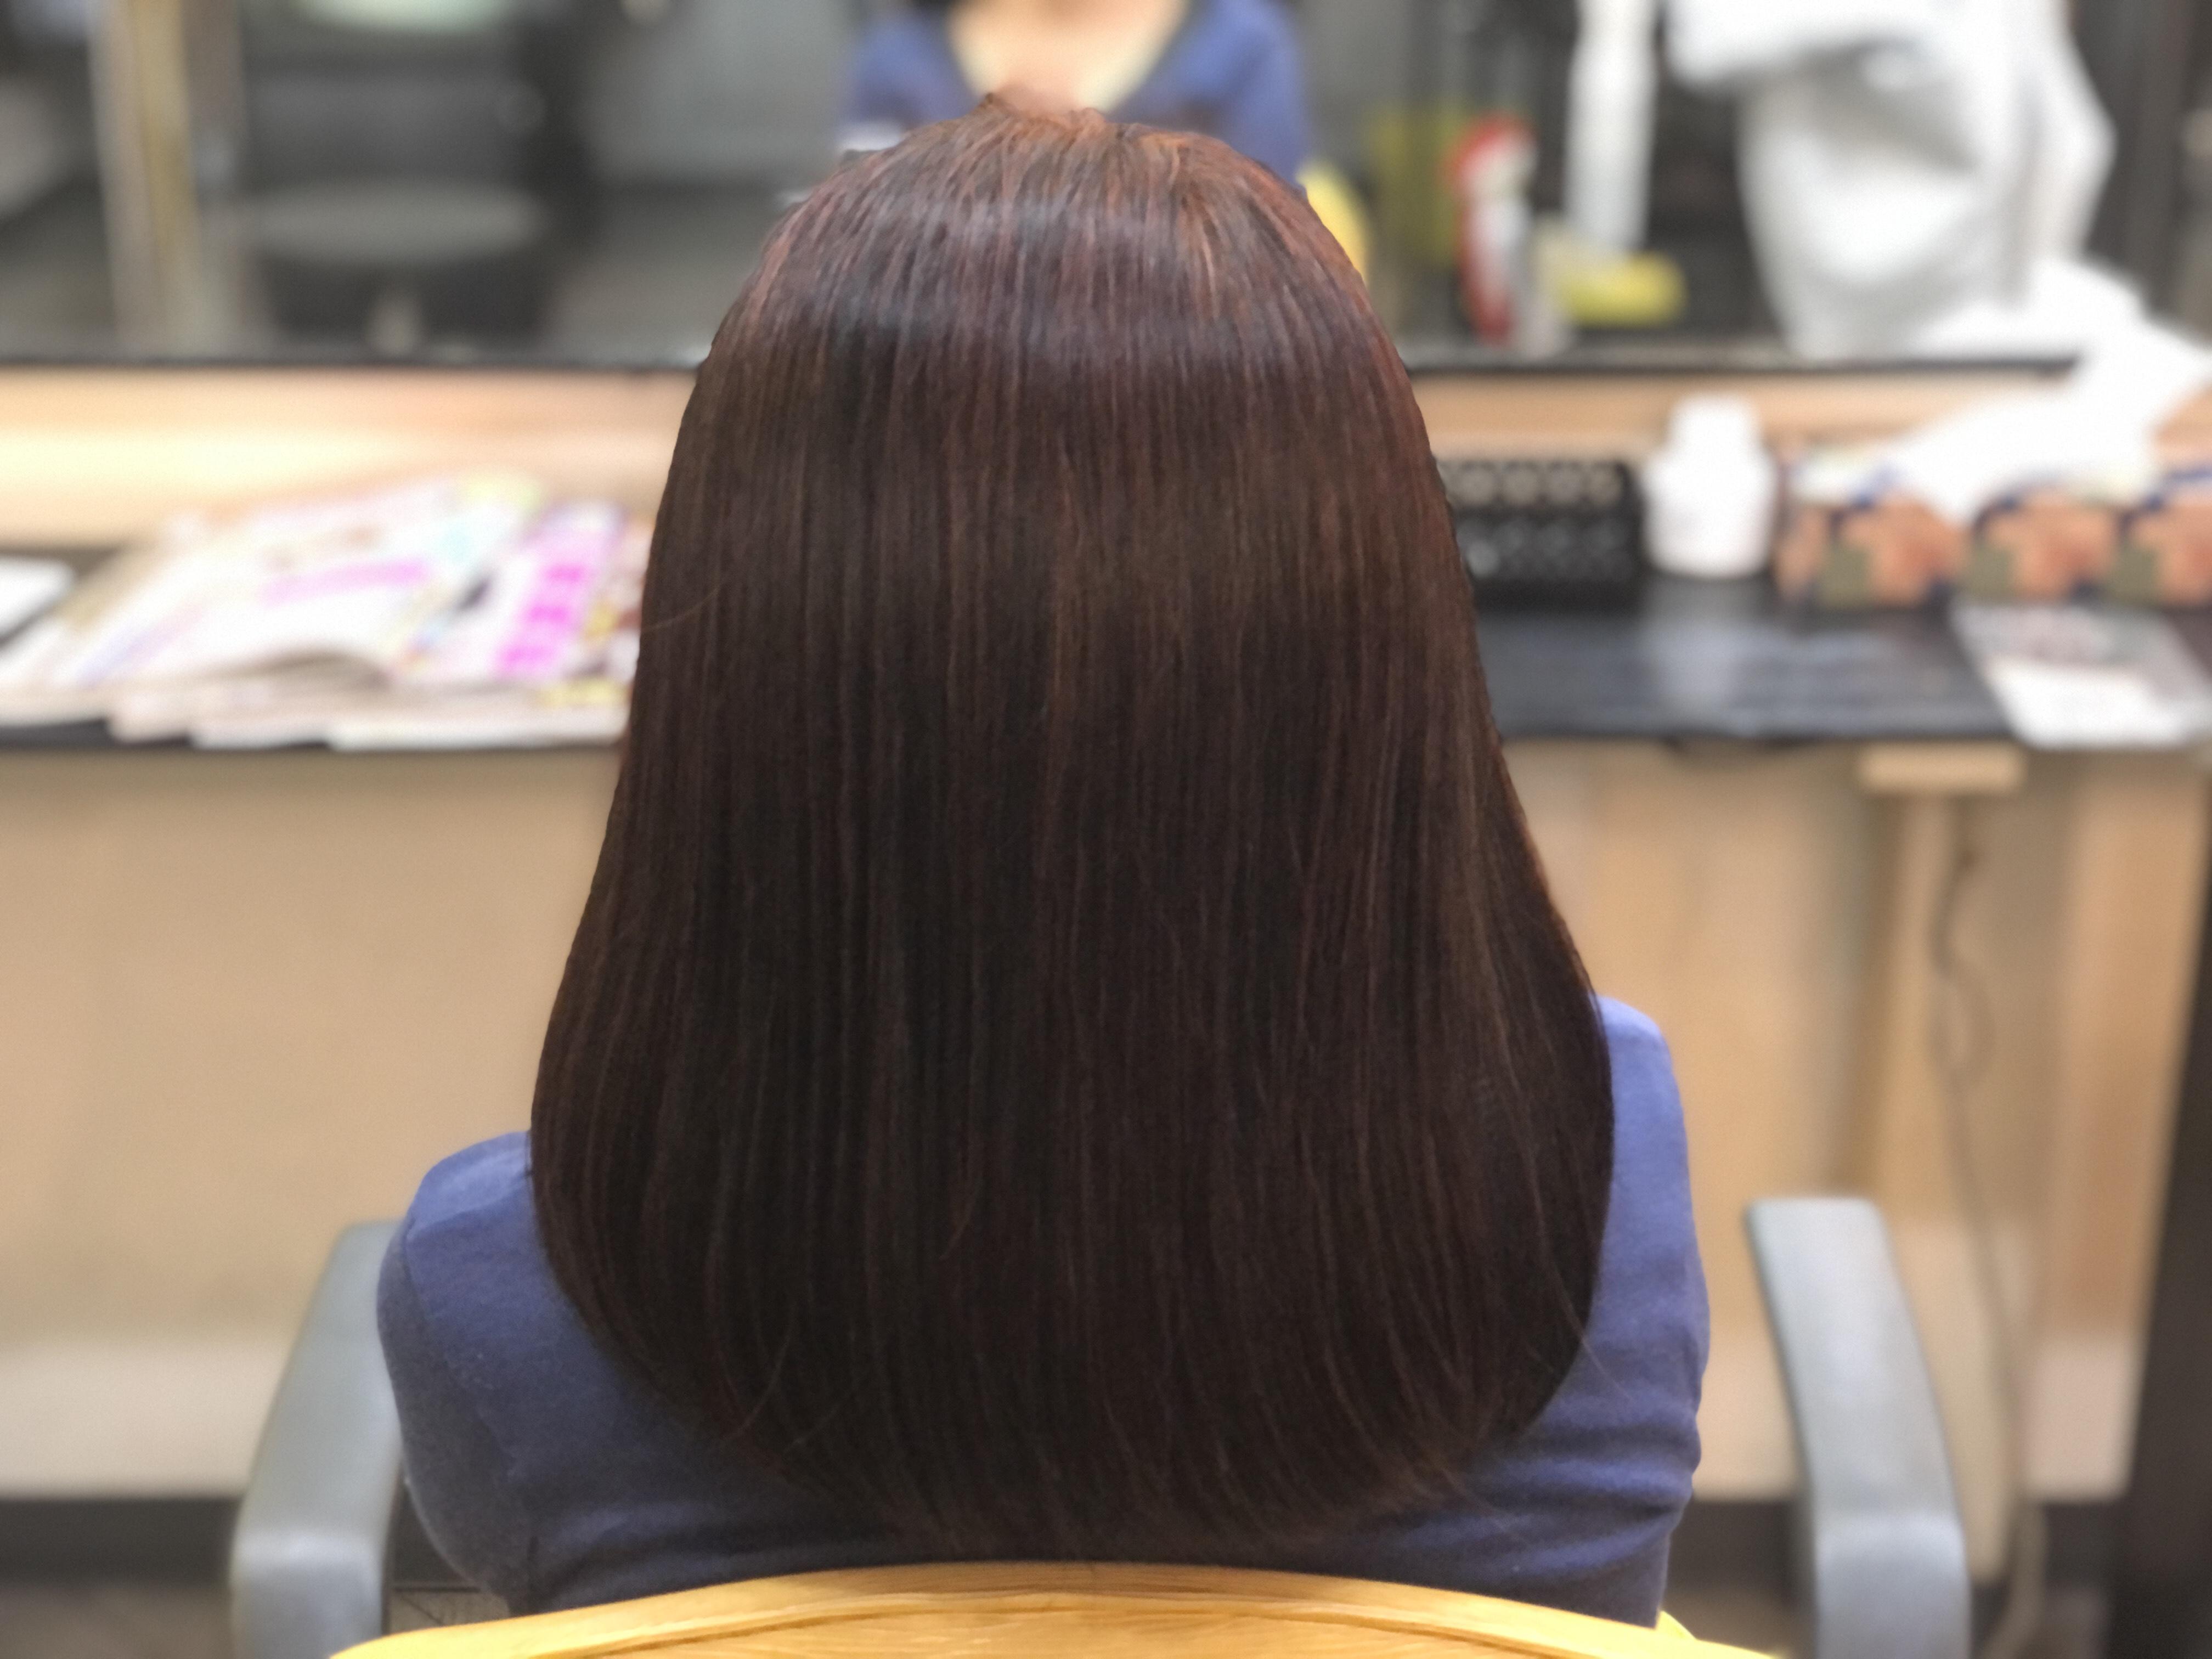 くせ毛の方に美らヘナは相性が良い